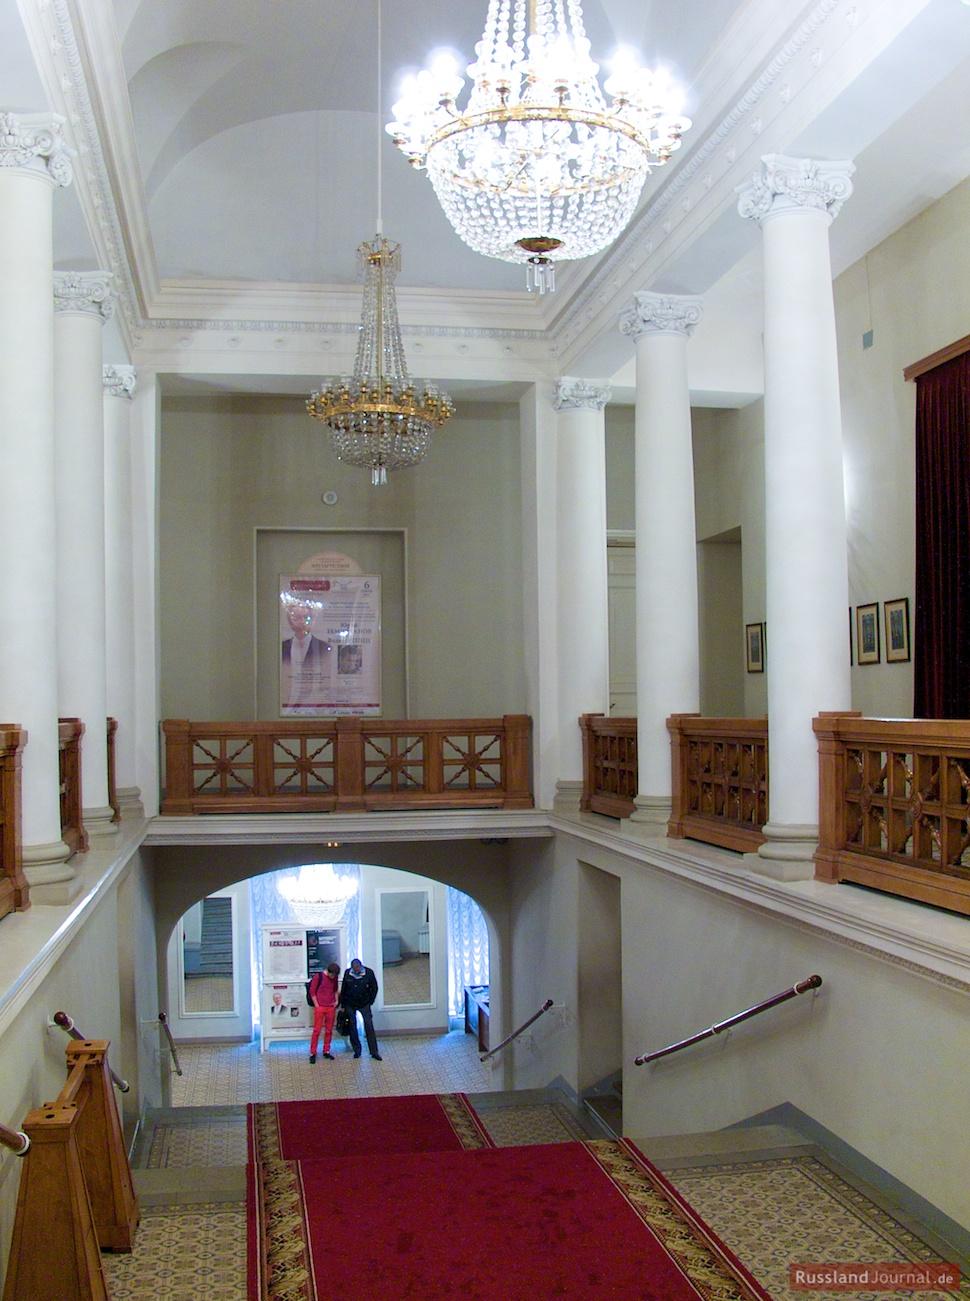 Paradetreppe des Großen Saals der St. Petersburger Philharmonie